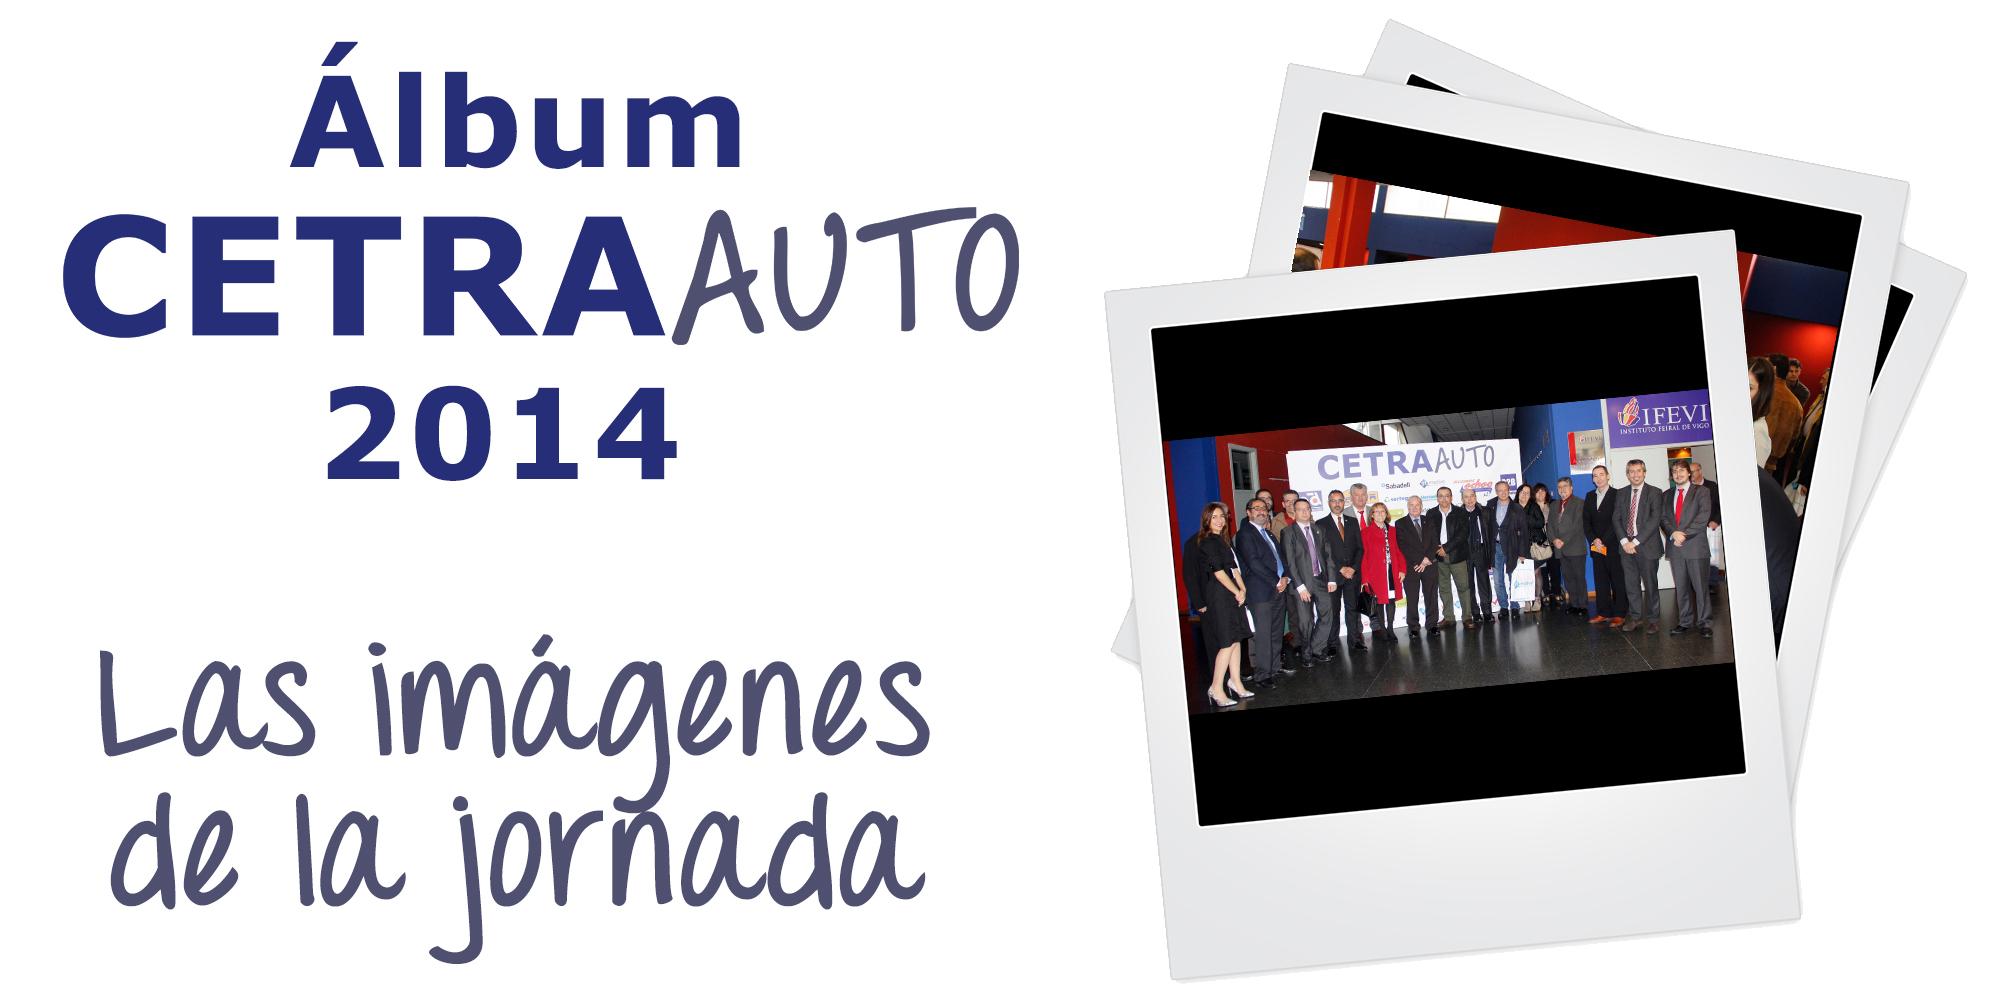 Álbum CETRAauto 2014